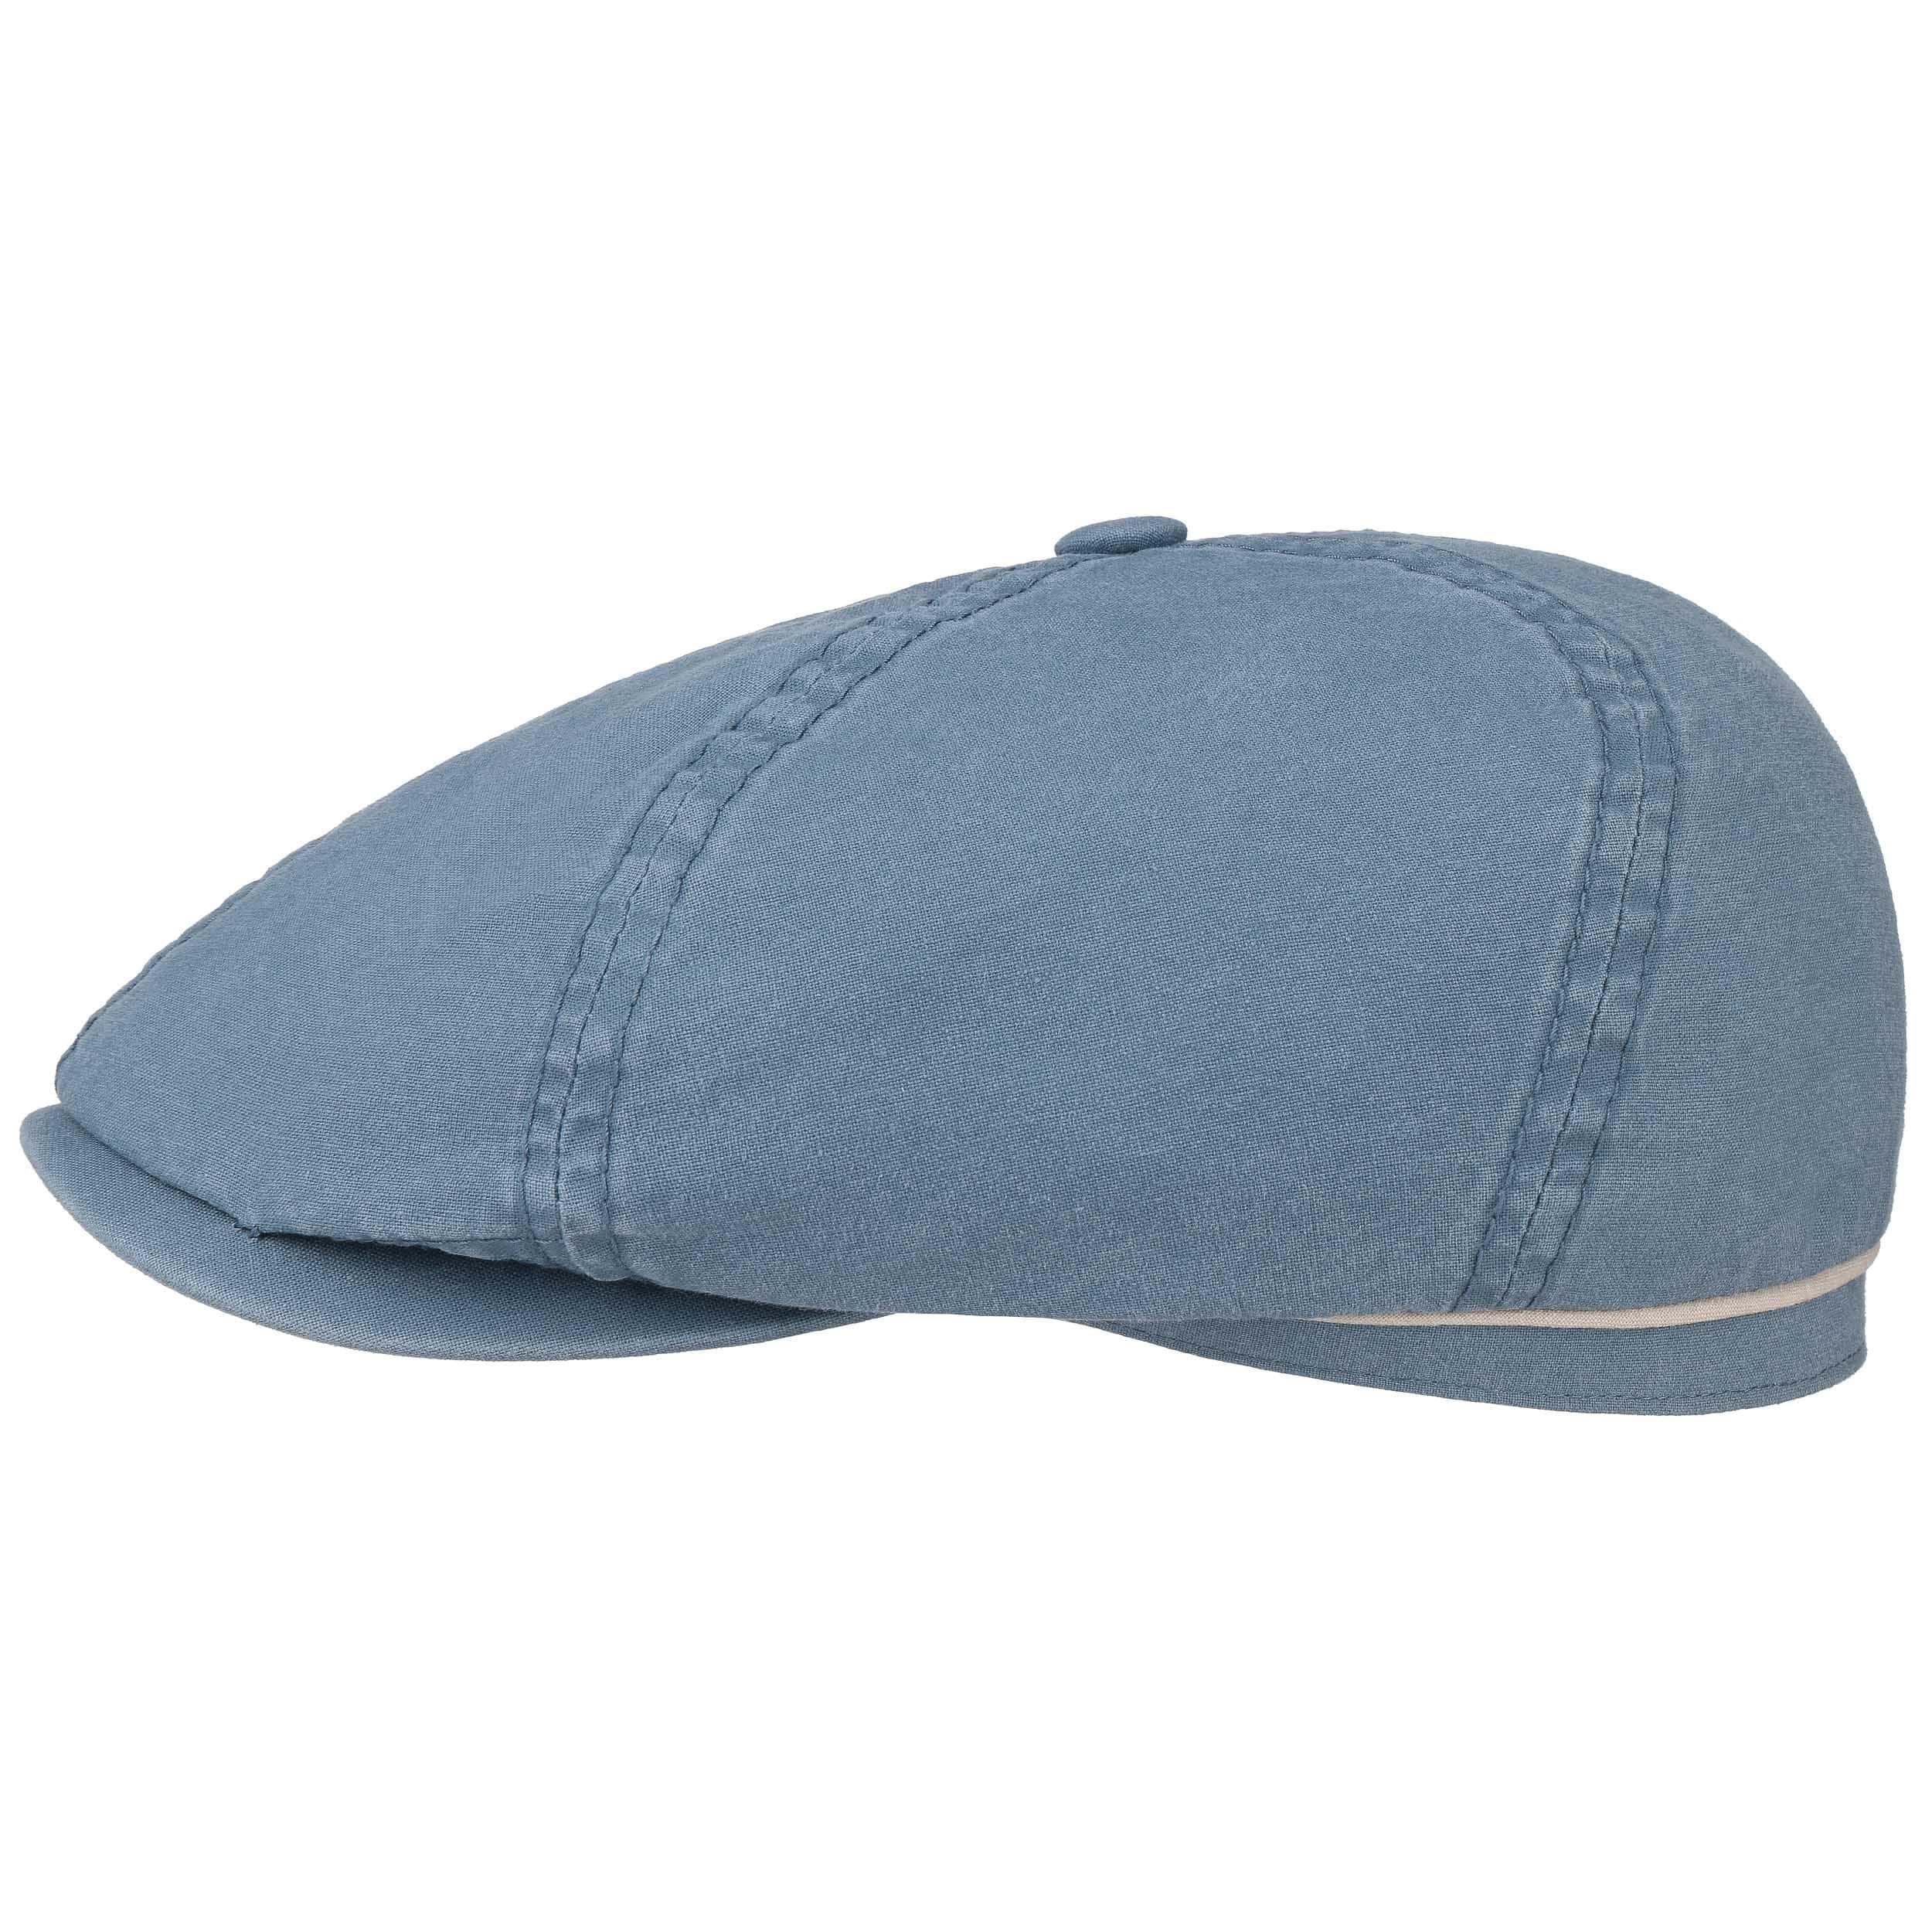 97afd773 ... dark beige 5 · Delave Organic Cotton Flat Cap by Stetson - light blue 5